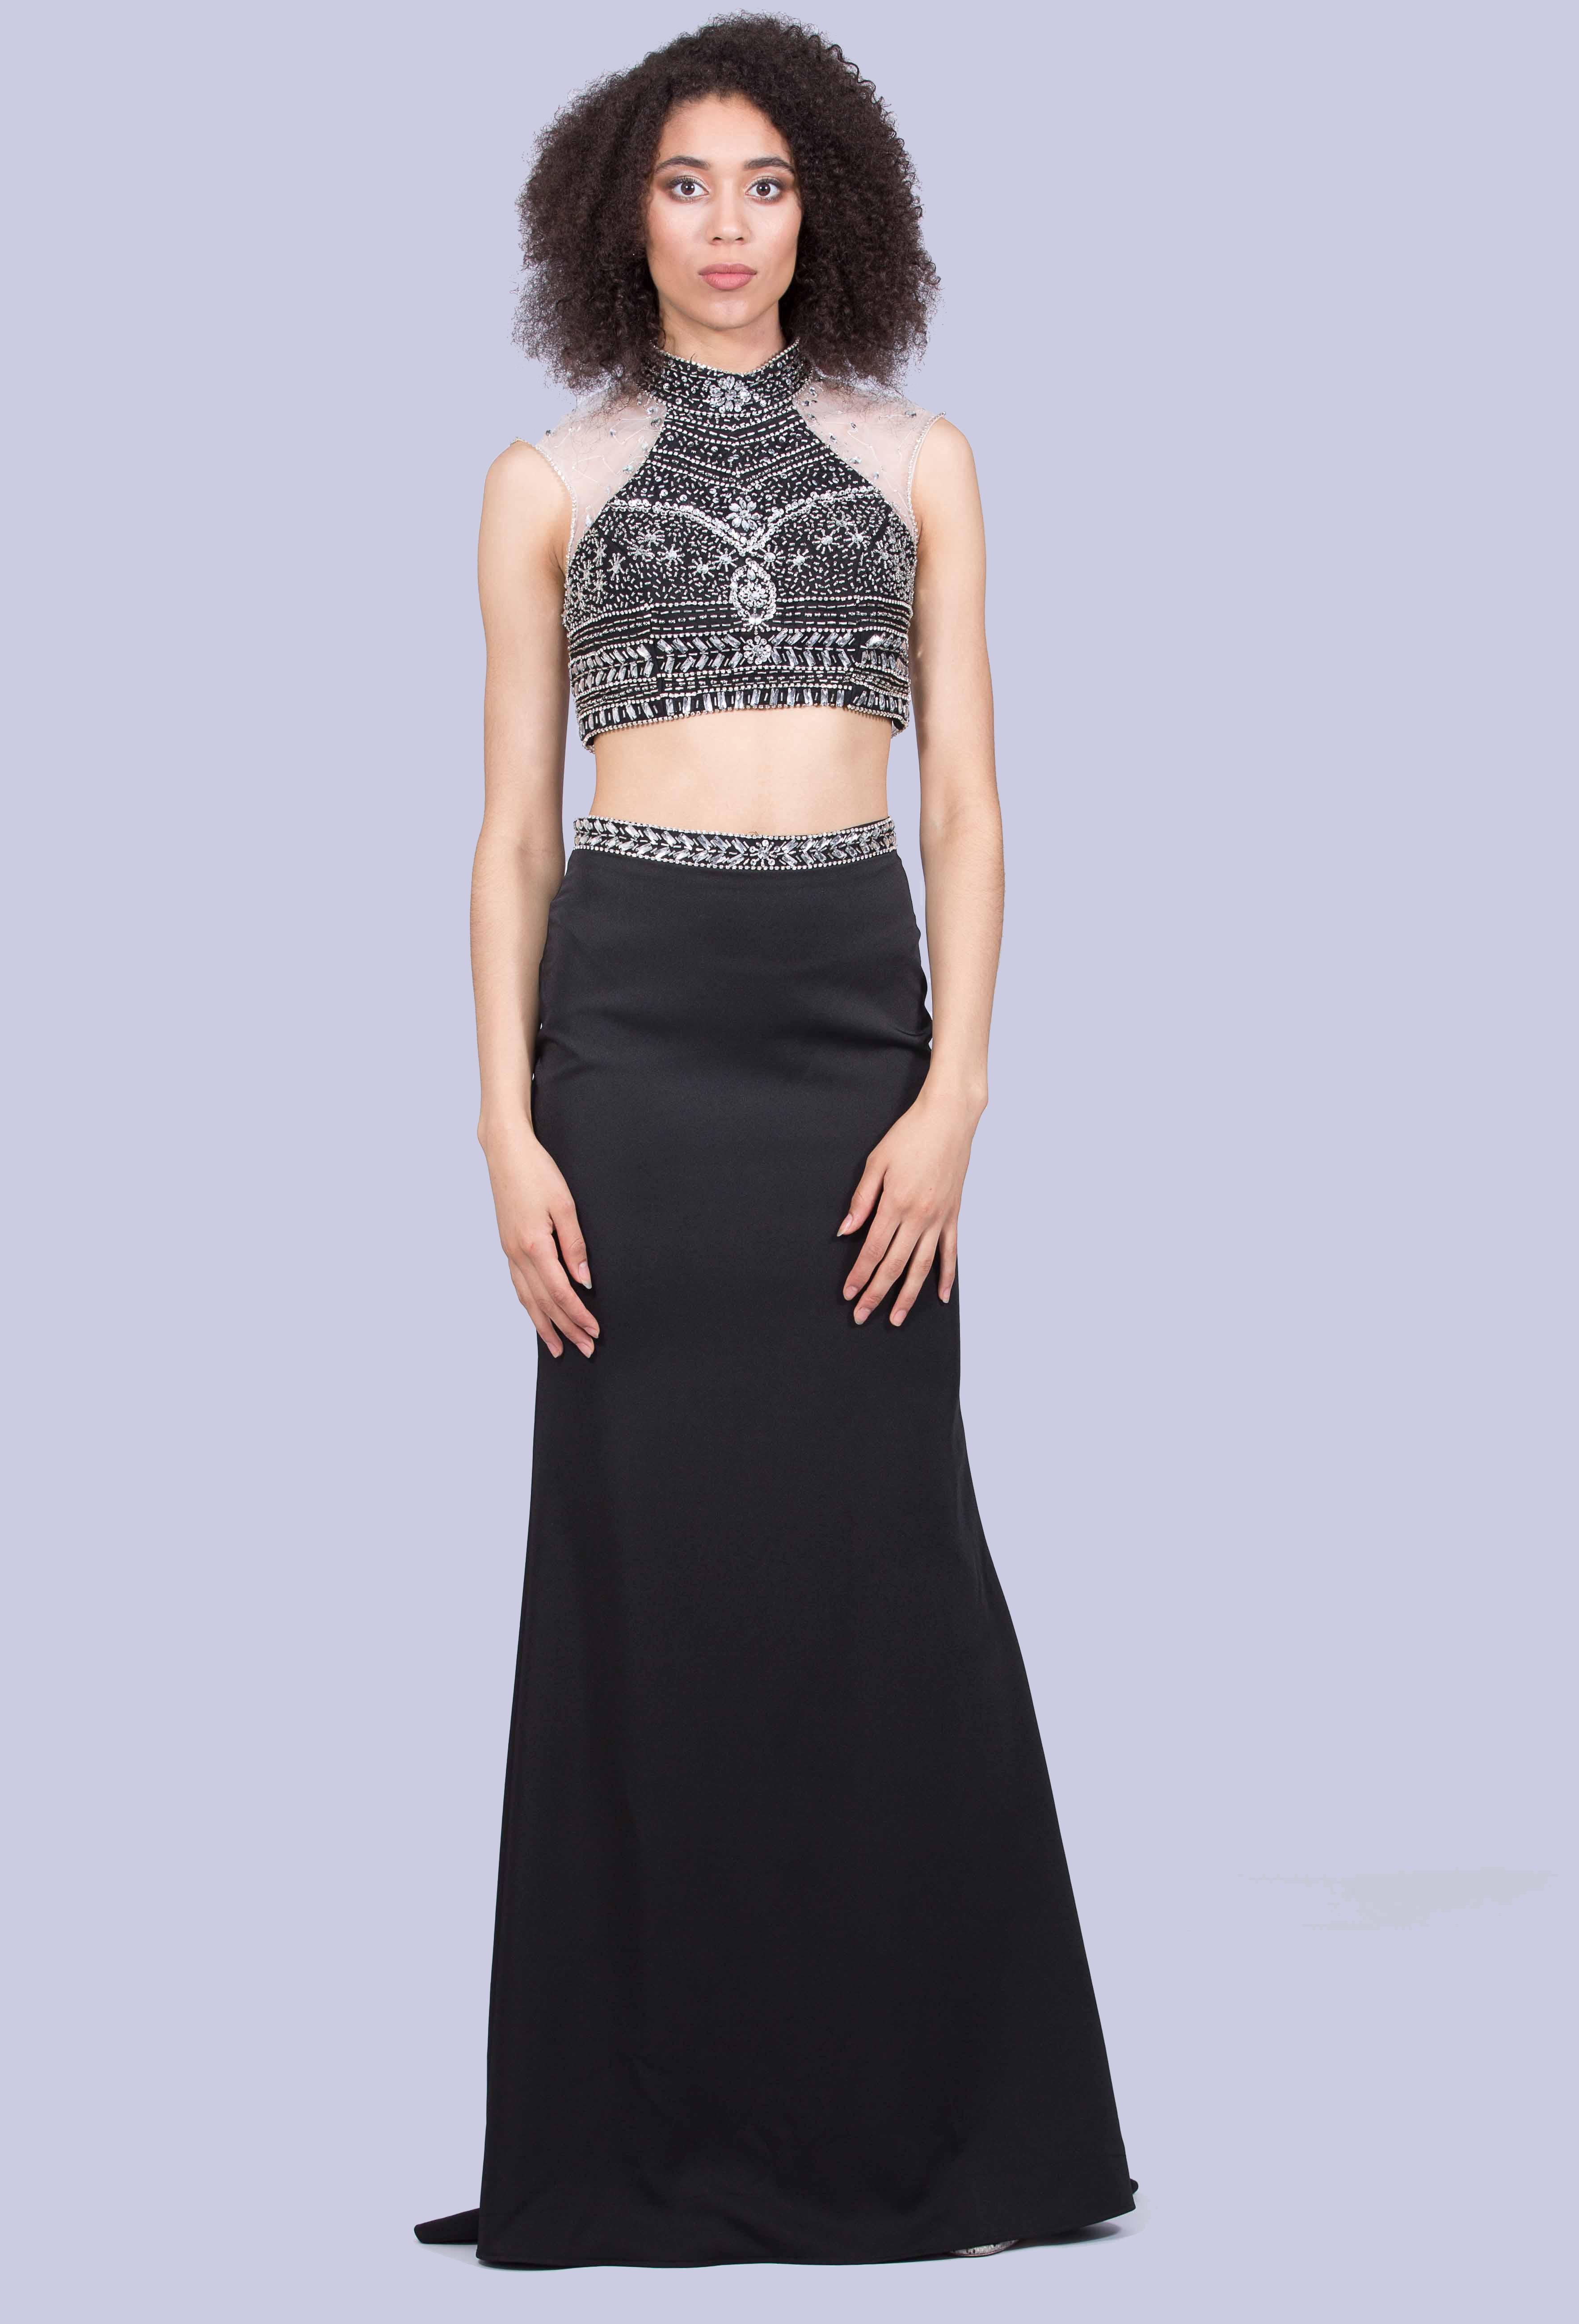 03461b16c80b91 Cara - June Peony Bridal Couture